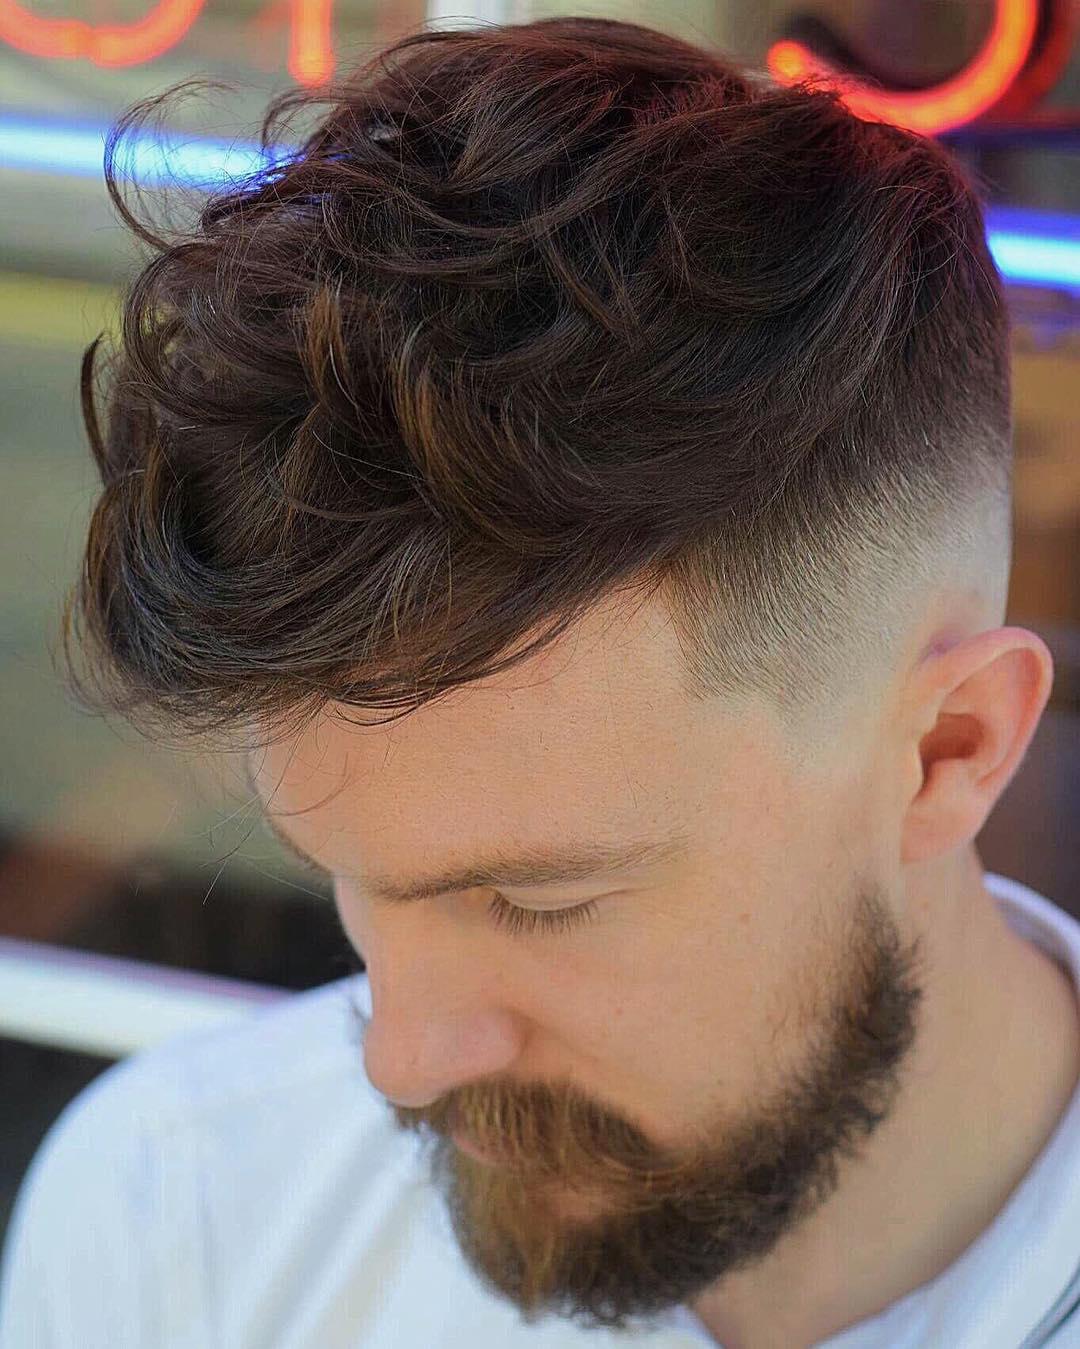 corte-masculino-2017-corte-de-cabelo-masculino-2017-cortes-2017-cabelo-2017-penteados-2017-haircut-for-men-2017-hairstyle-2017-grooming-moda-sem-censura-alex-cursino-16